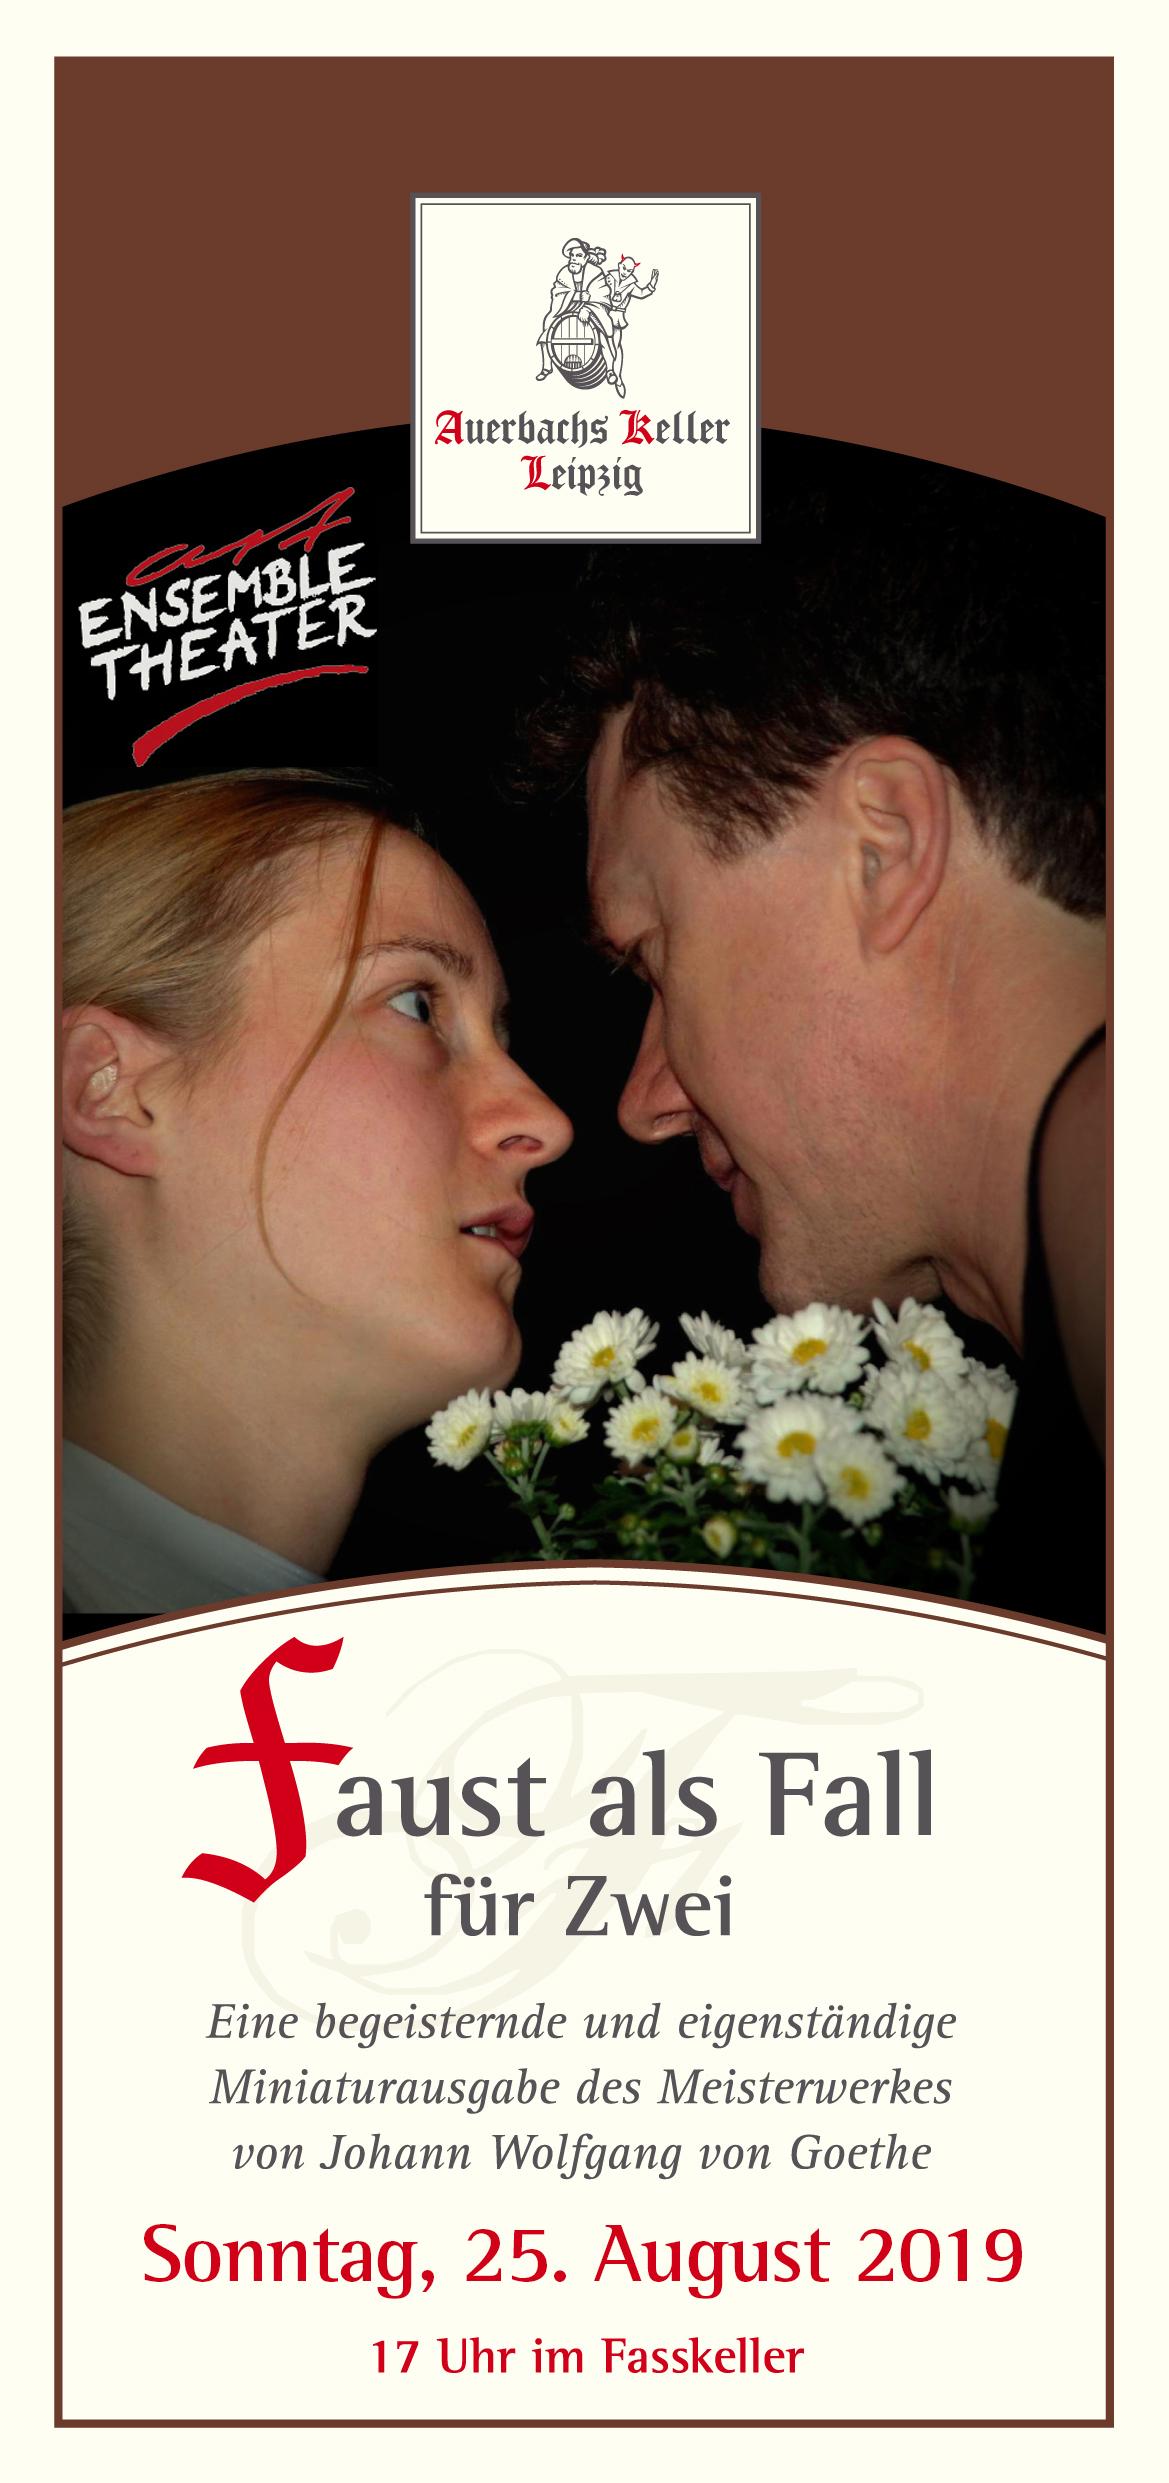 art Ensemble Theater | Faust als Fall für Zwei